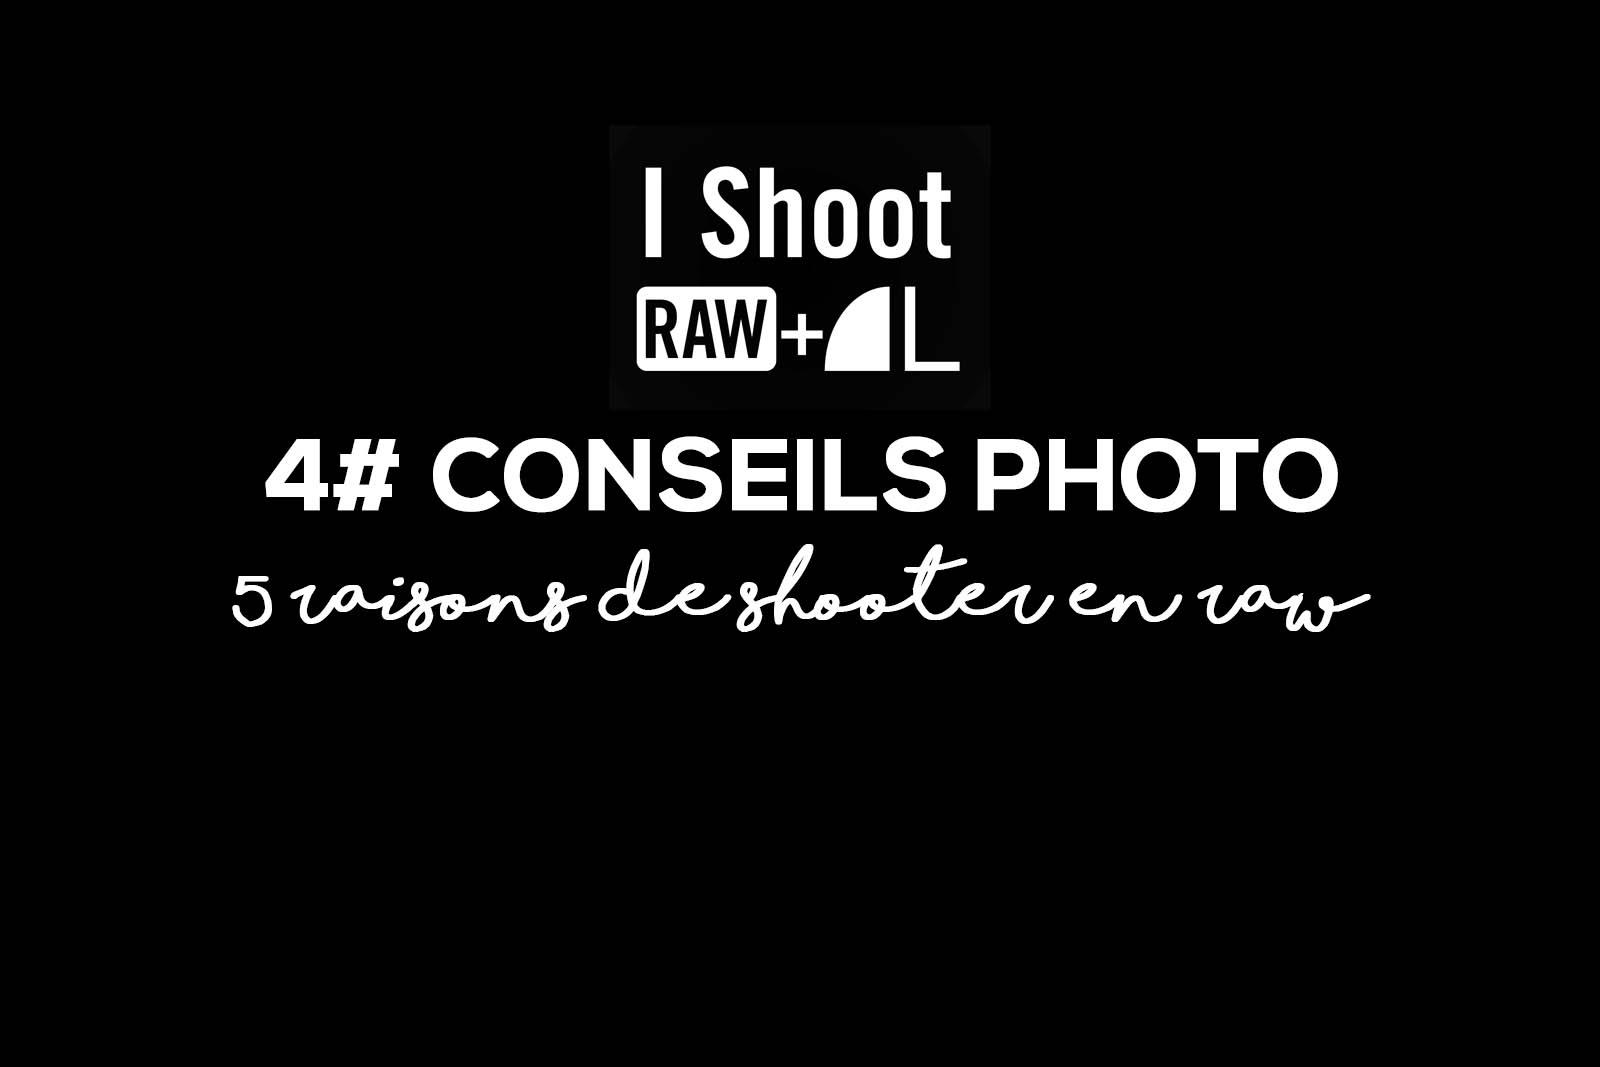 5 bonnes raisons de photographier en RAW en voyage